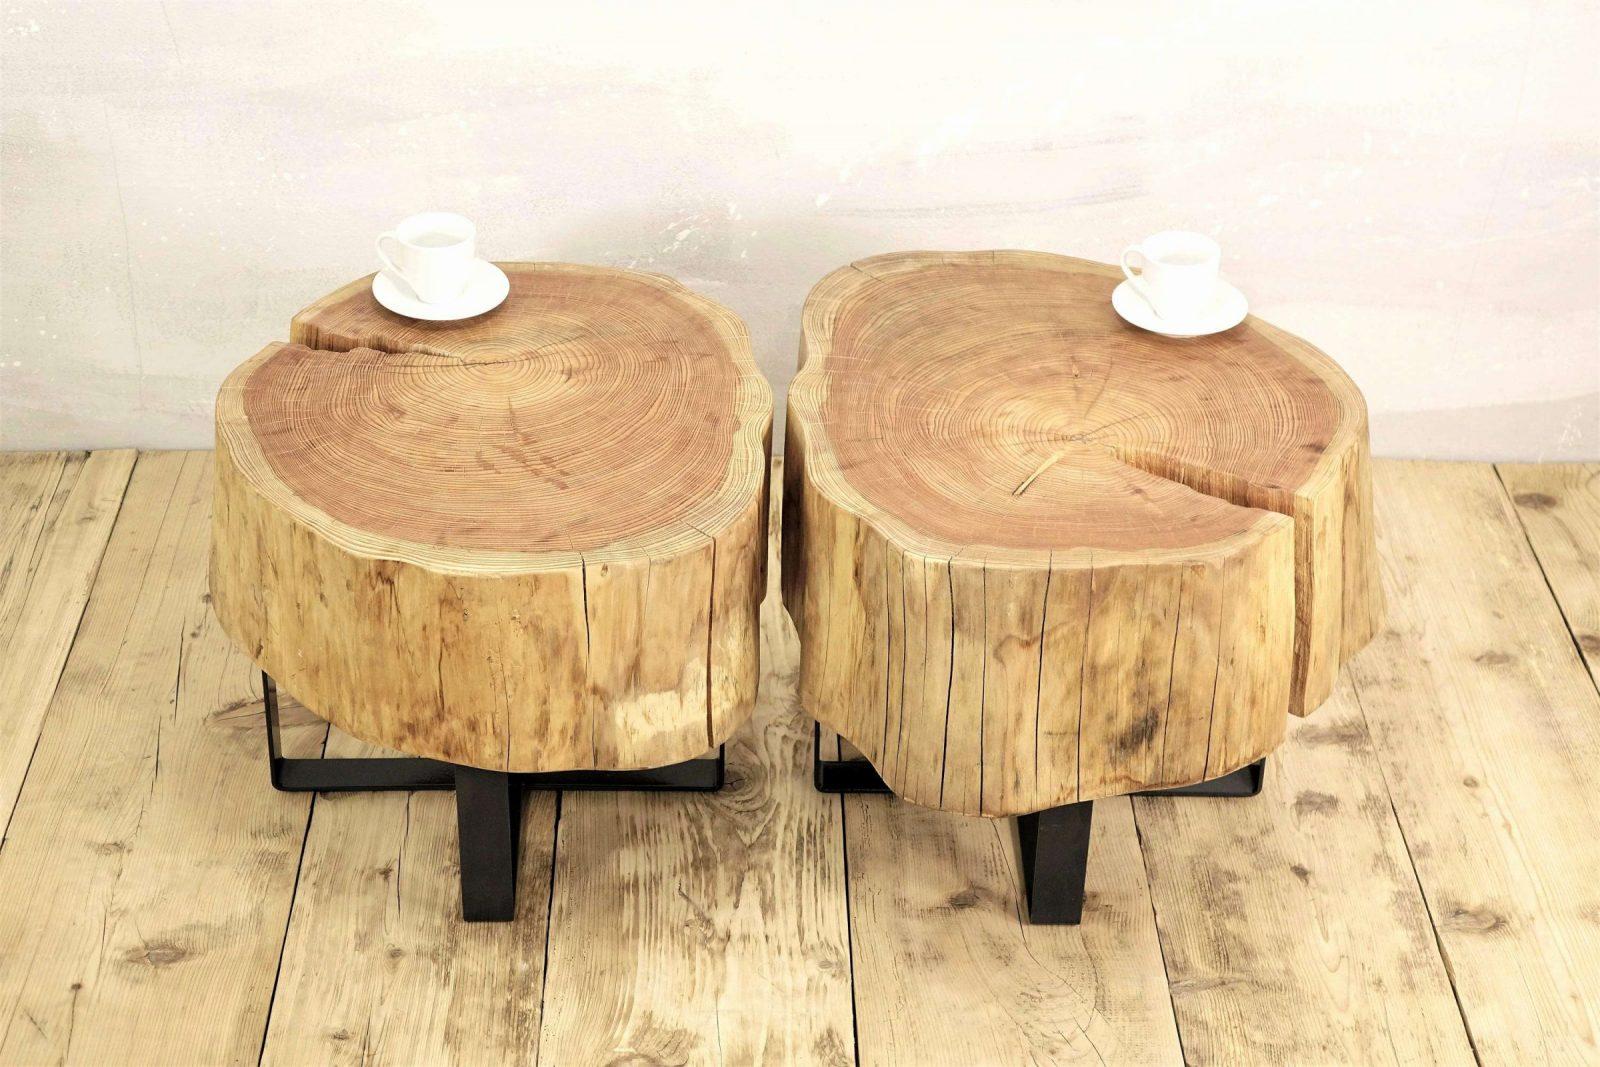 Tisch Aus Baumscheibe Selber Machen Das Beste Von Baumstamm Tisch von Tisch Baumscheibe Selber Bauen Photo